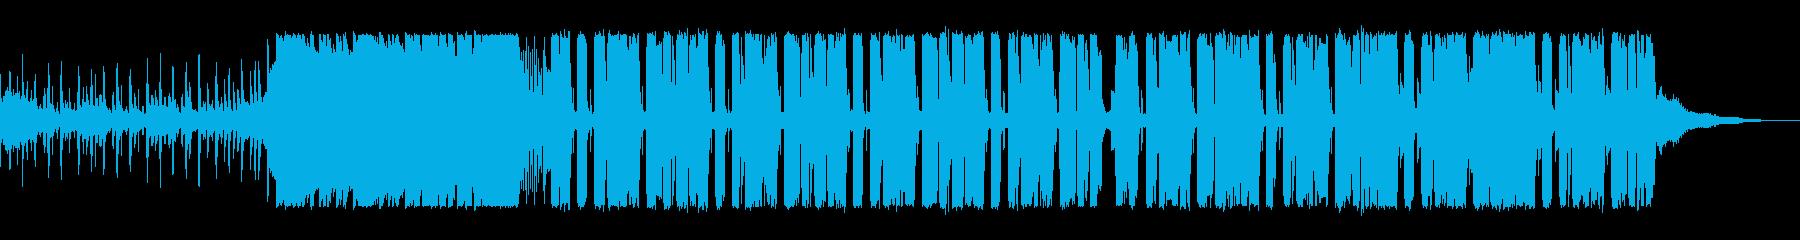 マイルドで緩やかなテクノポップの再生済みの波形